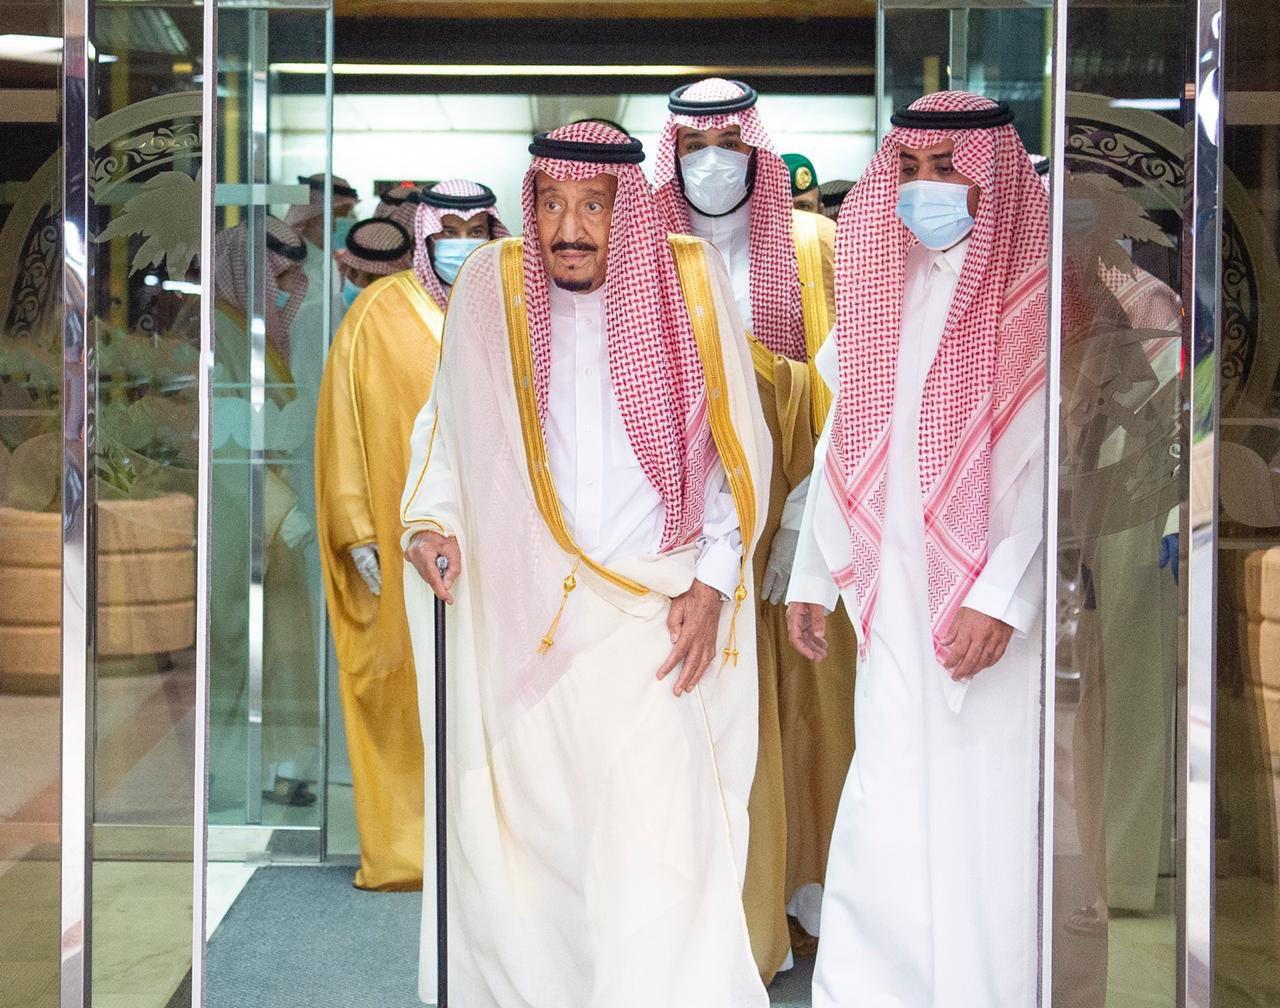 لحظة خروج الملك سلمان من المستشفى منذ قليل بعد إجراءه عملية جراحية